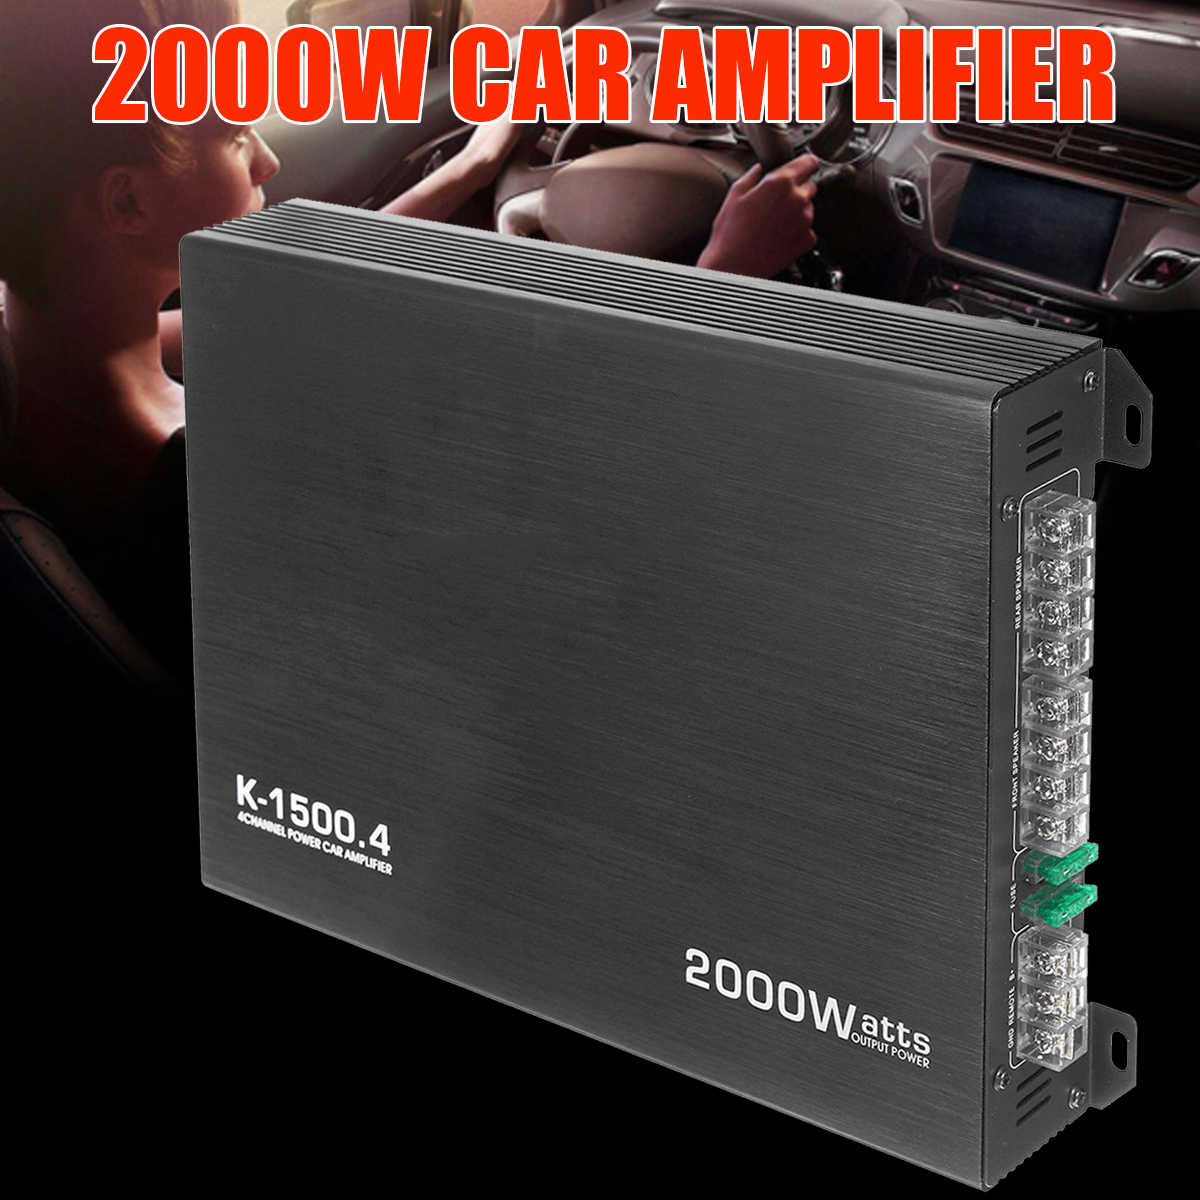 2000 واط 4 قناة سيارة مكبر للصوت المتكلم مركبة مكبر للصوت قوة ستيريو أمبير السيارات الصوت مكبر كهربائي مضخم الصوت للسيارة